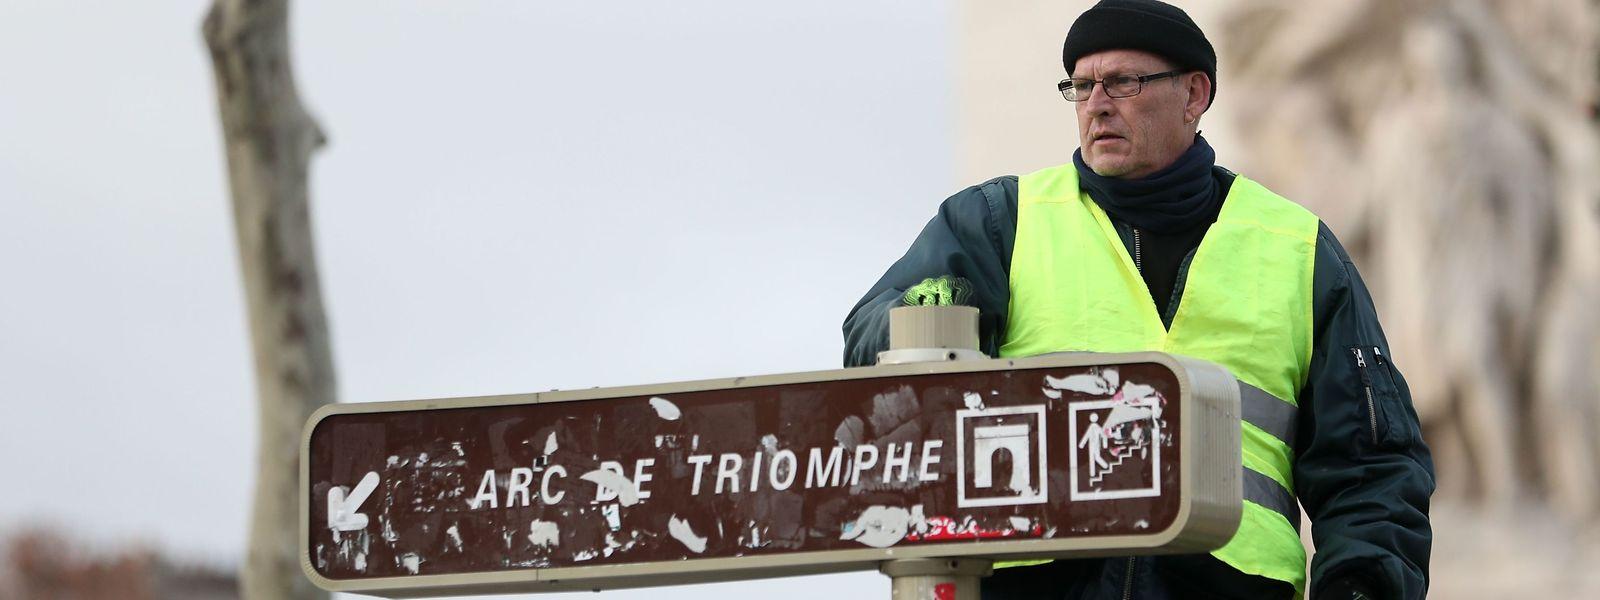 """Un manifestant s'est hissé sur un panneau indiquant la direction de l'Arc de Triomphe à Paris, devenu un symbole pour les """"gilets jaunes""""."""